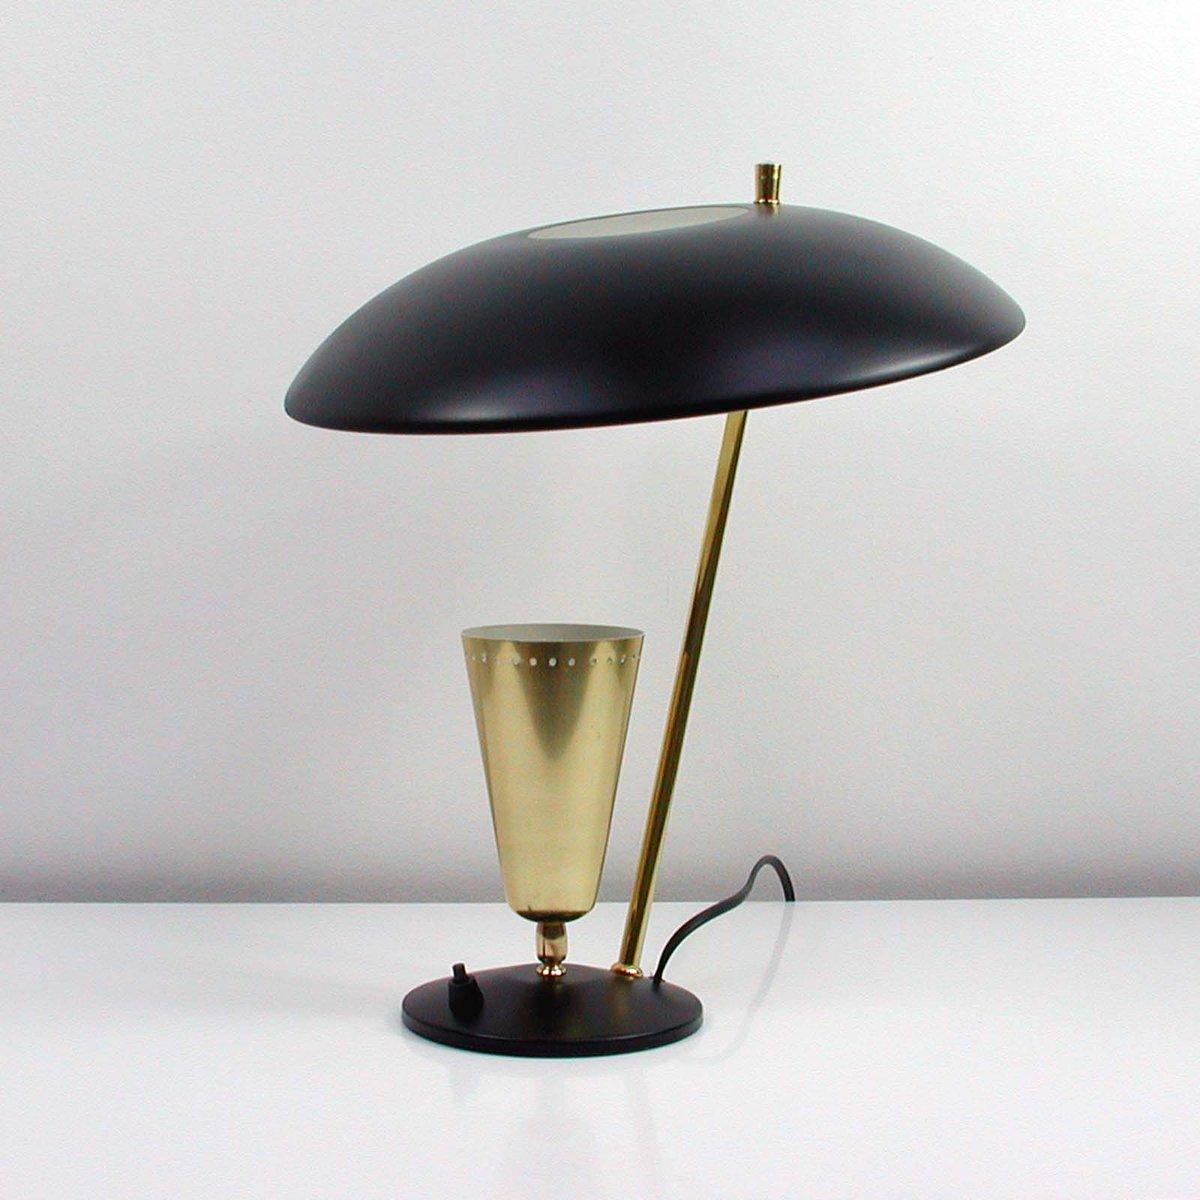 Lampada da tavolo riflessa vintage di aluminor francia anni 39 50 in vendita su pamono - Lampada da tavolo vintage ...